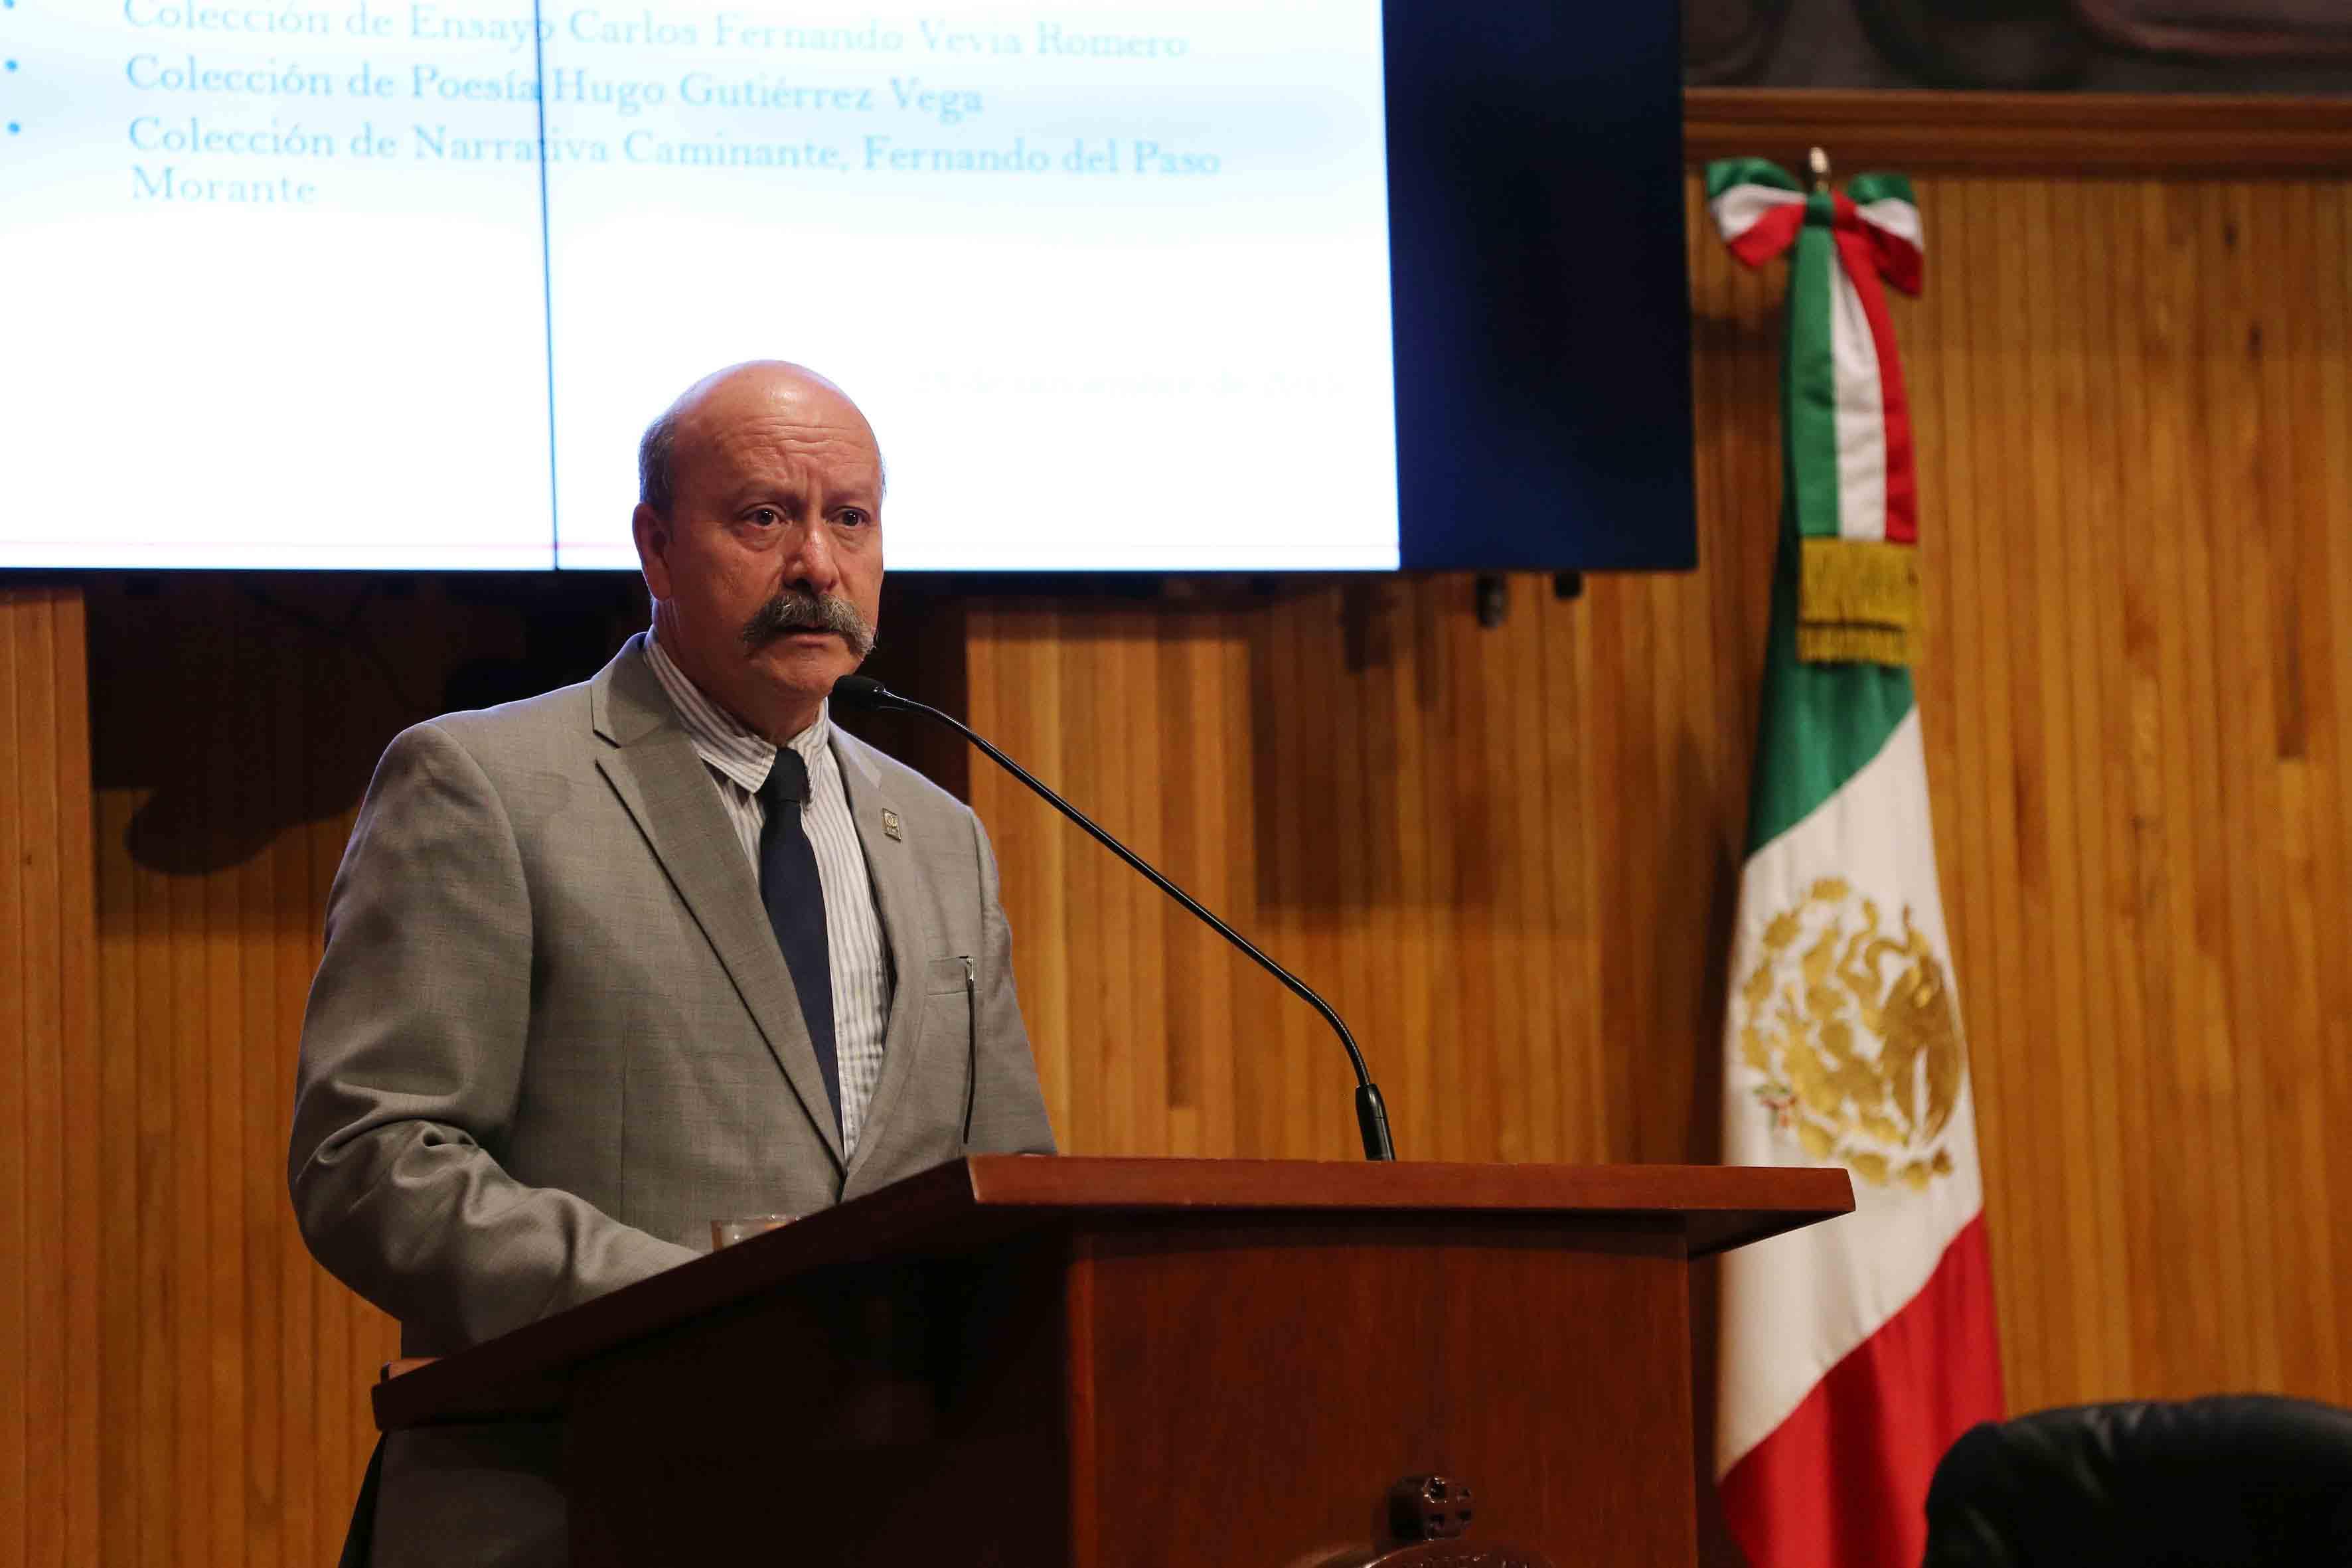 Mtro. Javier Espinoza de los Monteros Cárdenas, Director General del SEMS, en podium del Paraninfo Enrique Díaz de Léon.